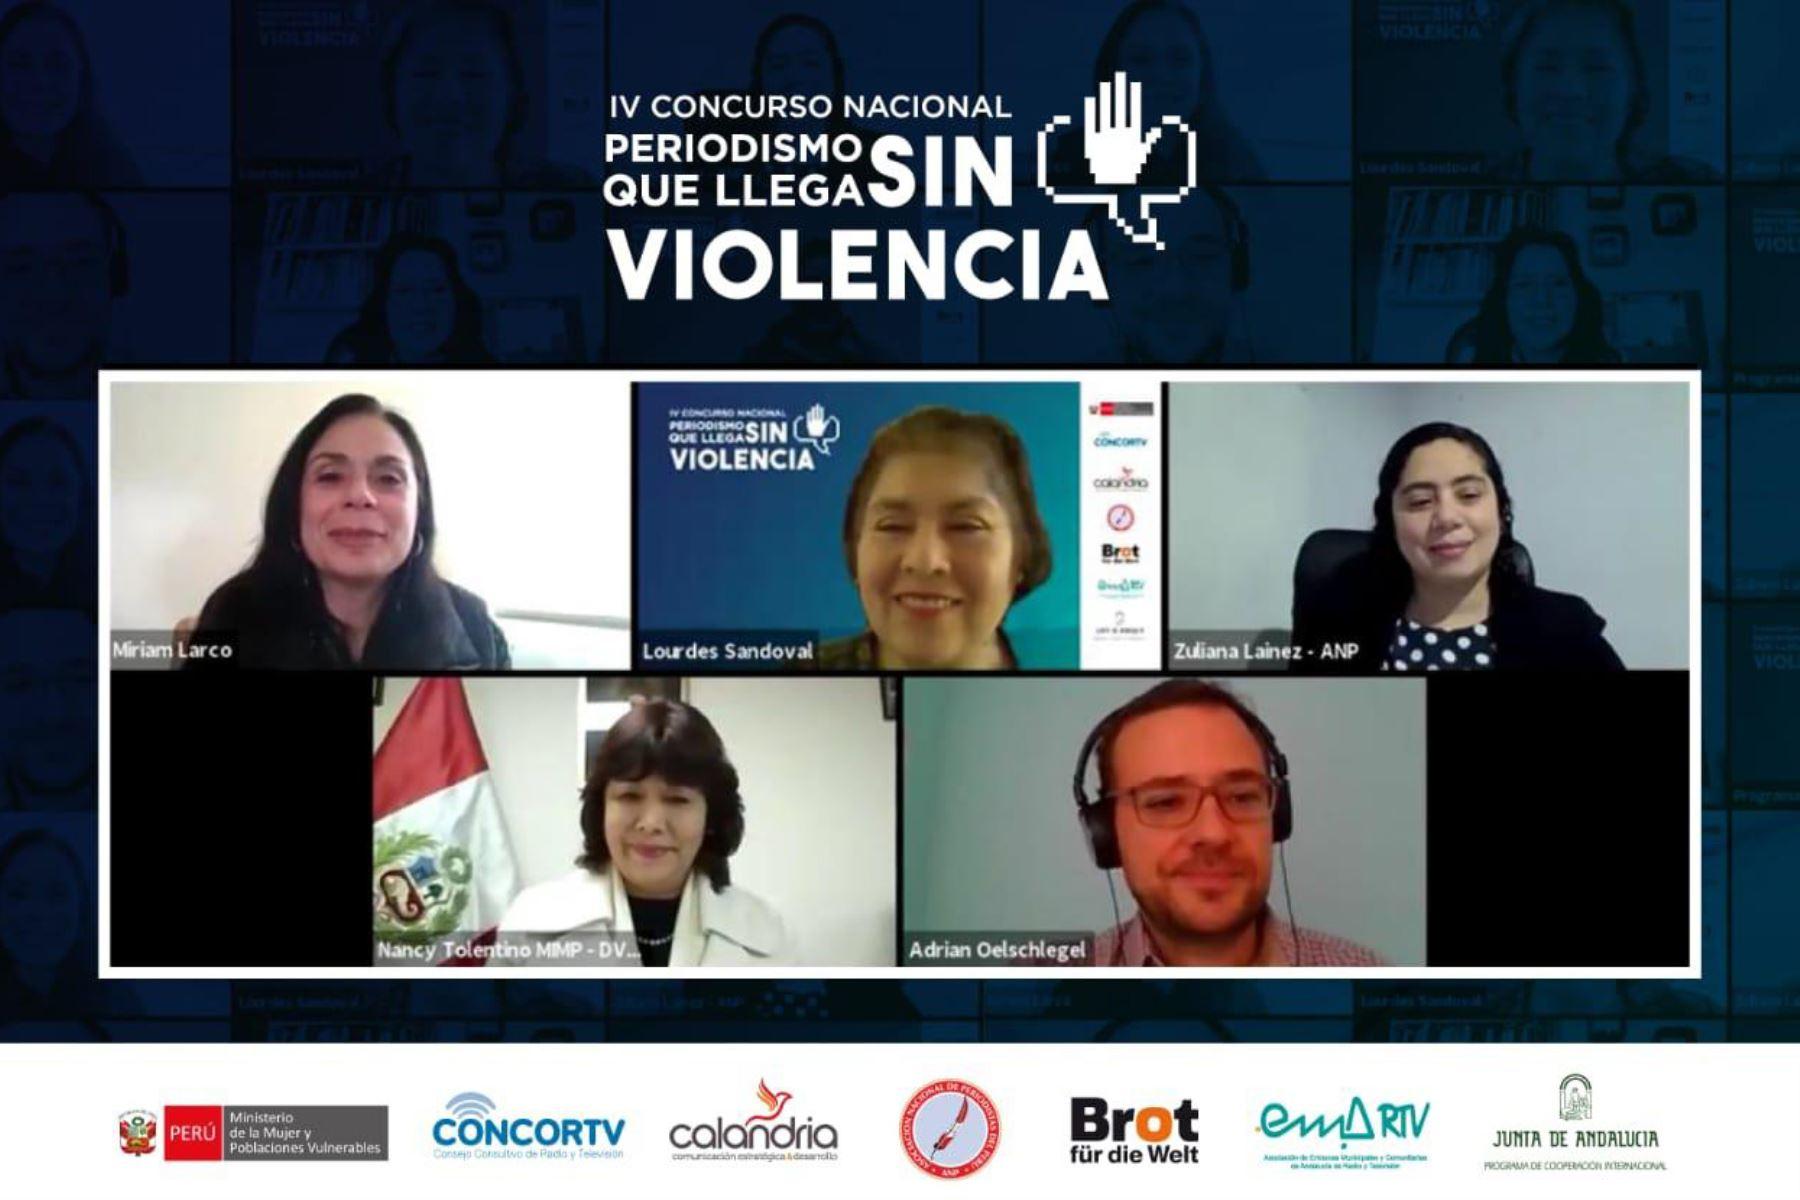 La cuarta edición del concurso Periodismo que llega sin violencia tiene el objetivo de fomentar la responsabilidad social del periodista. Foto: ANDINA/Mimp